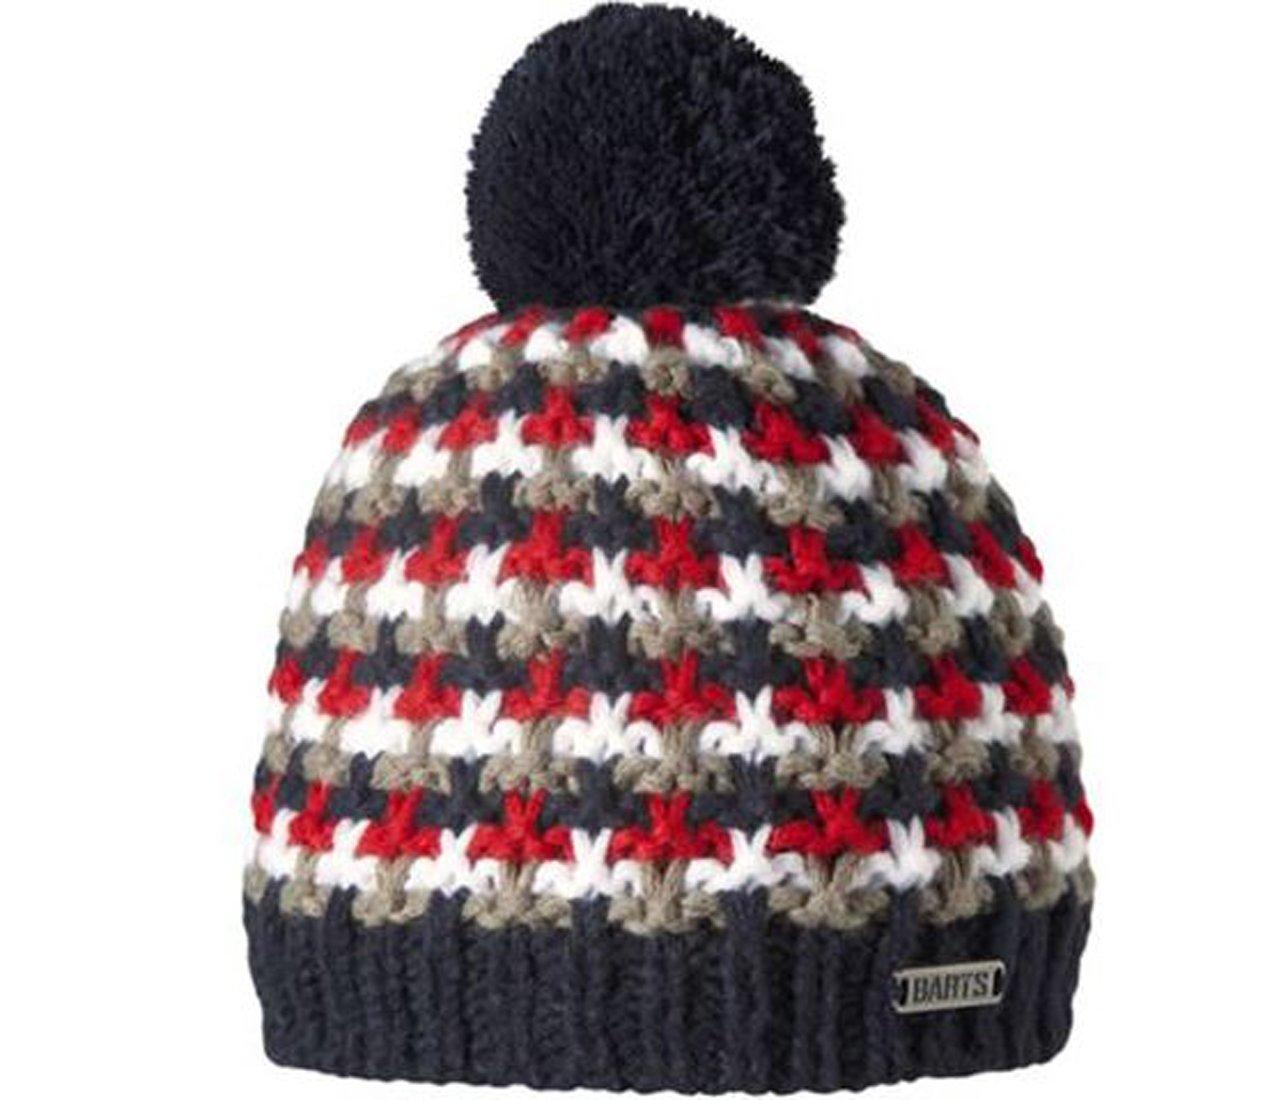 Anthony–Beanie Hat